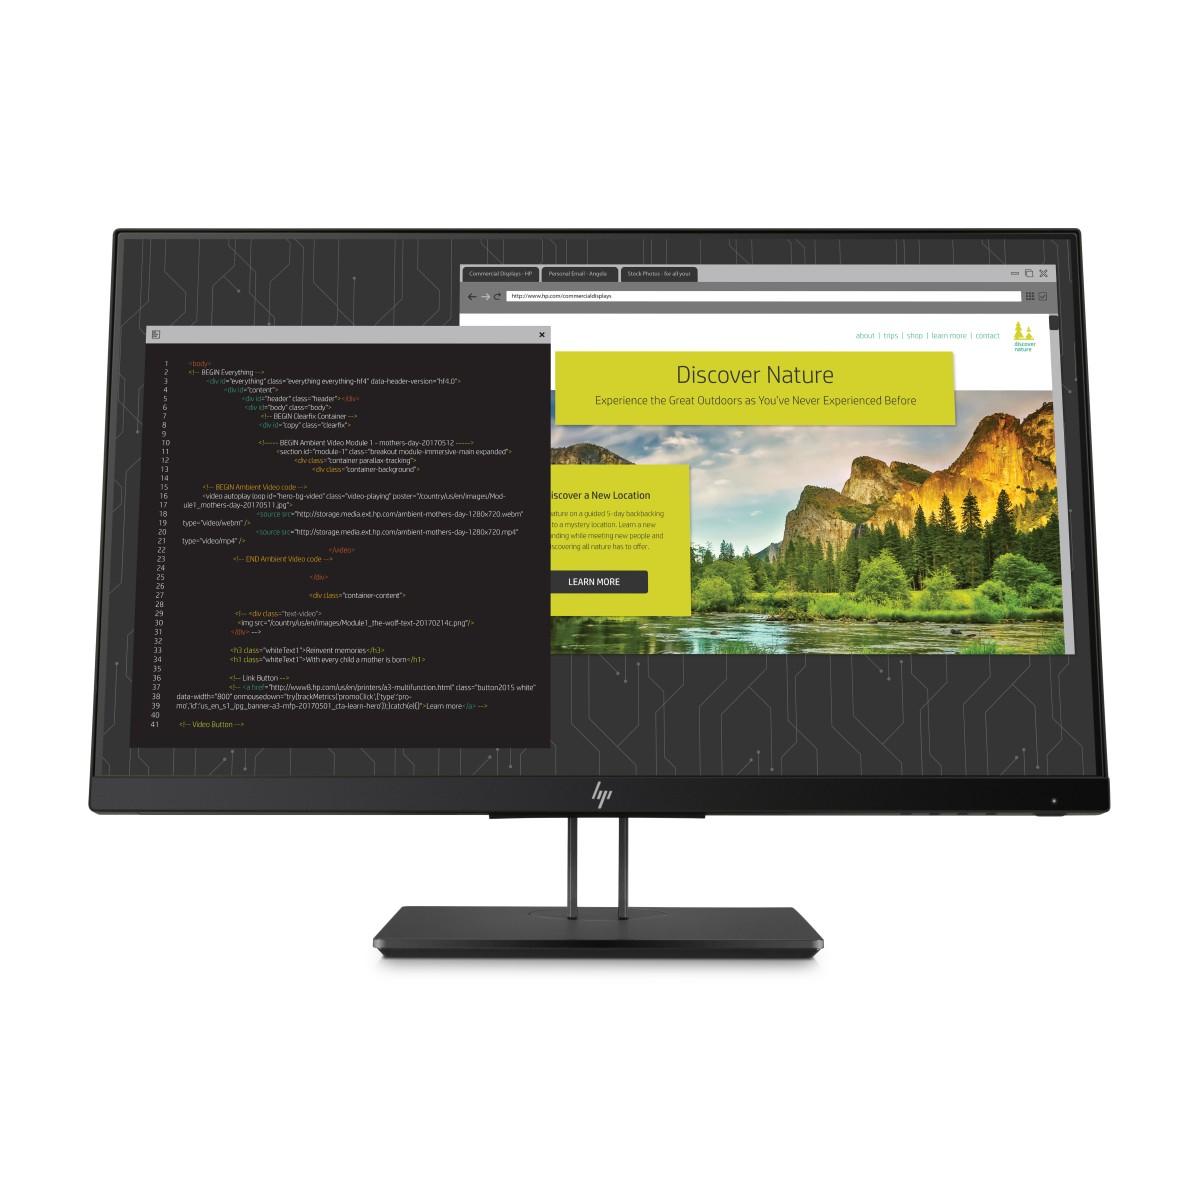 HP Z24nf 23,8-Zoll-IPS-Display mit schmaler Einfassung